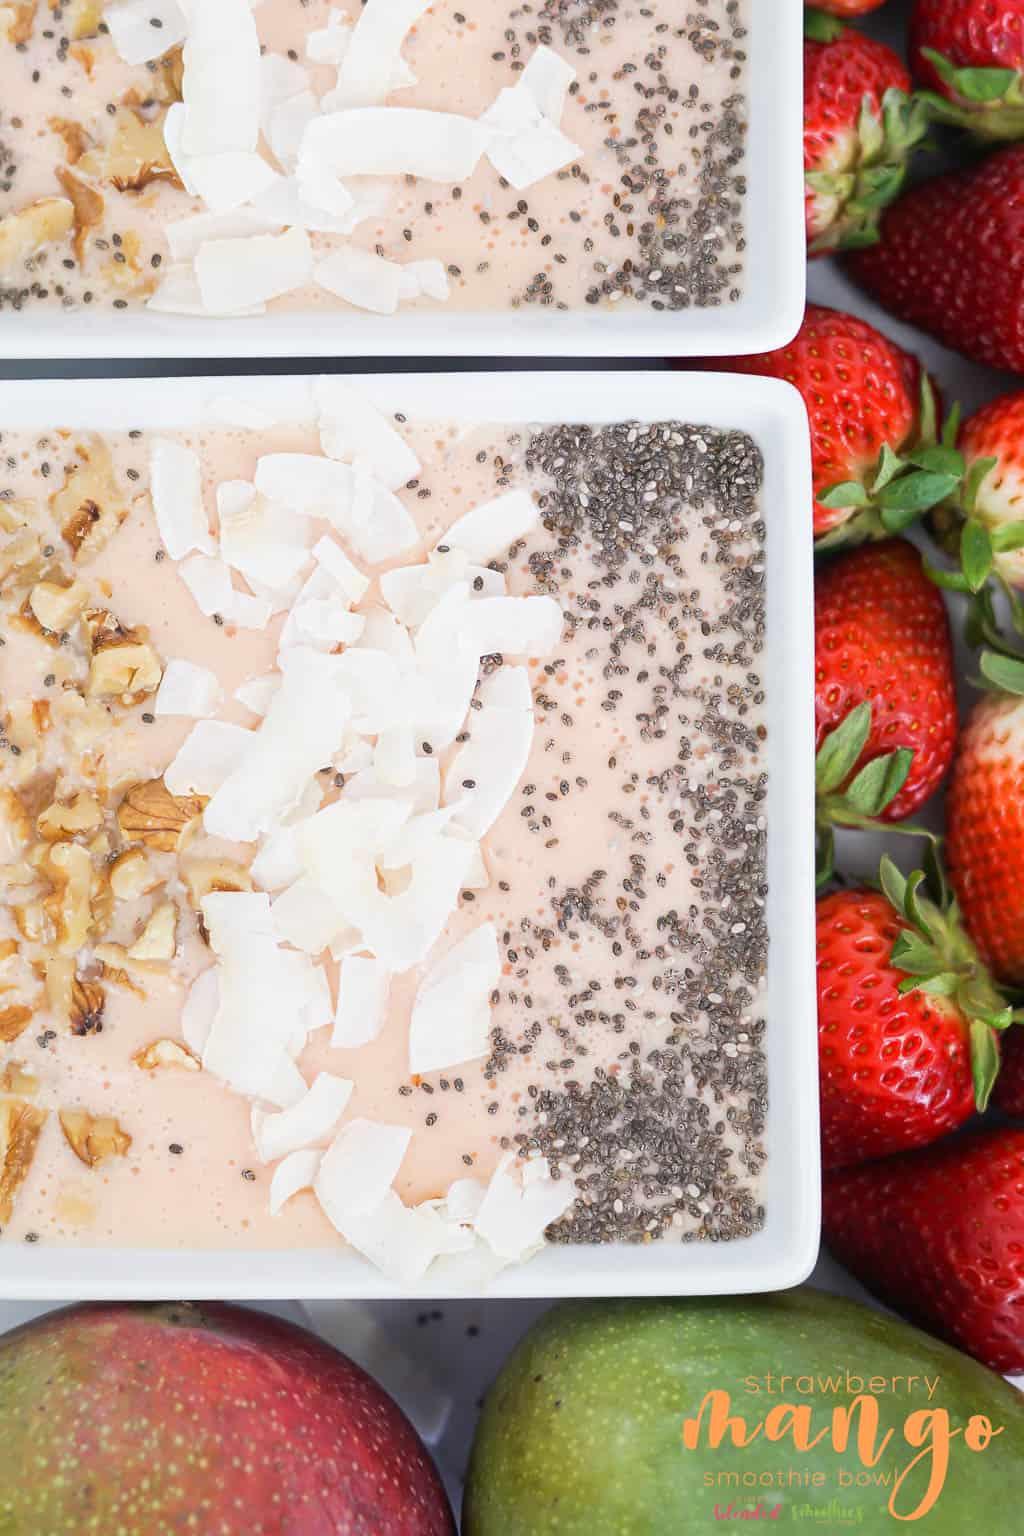 Strawberry Mango Smoothie Bowl - this delicious mango strawberry smoothie bowl is so easy to make